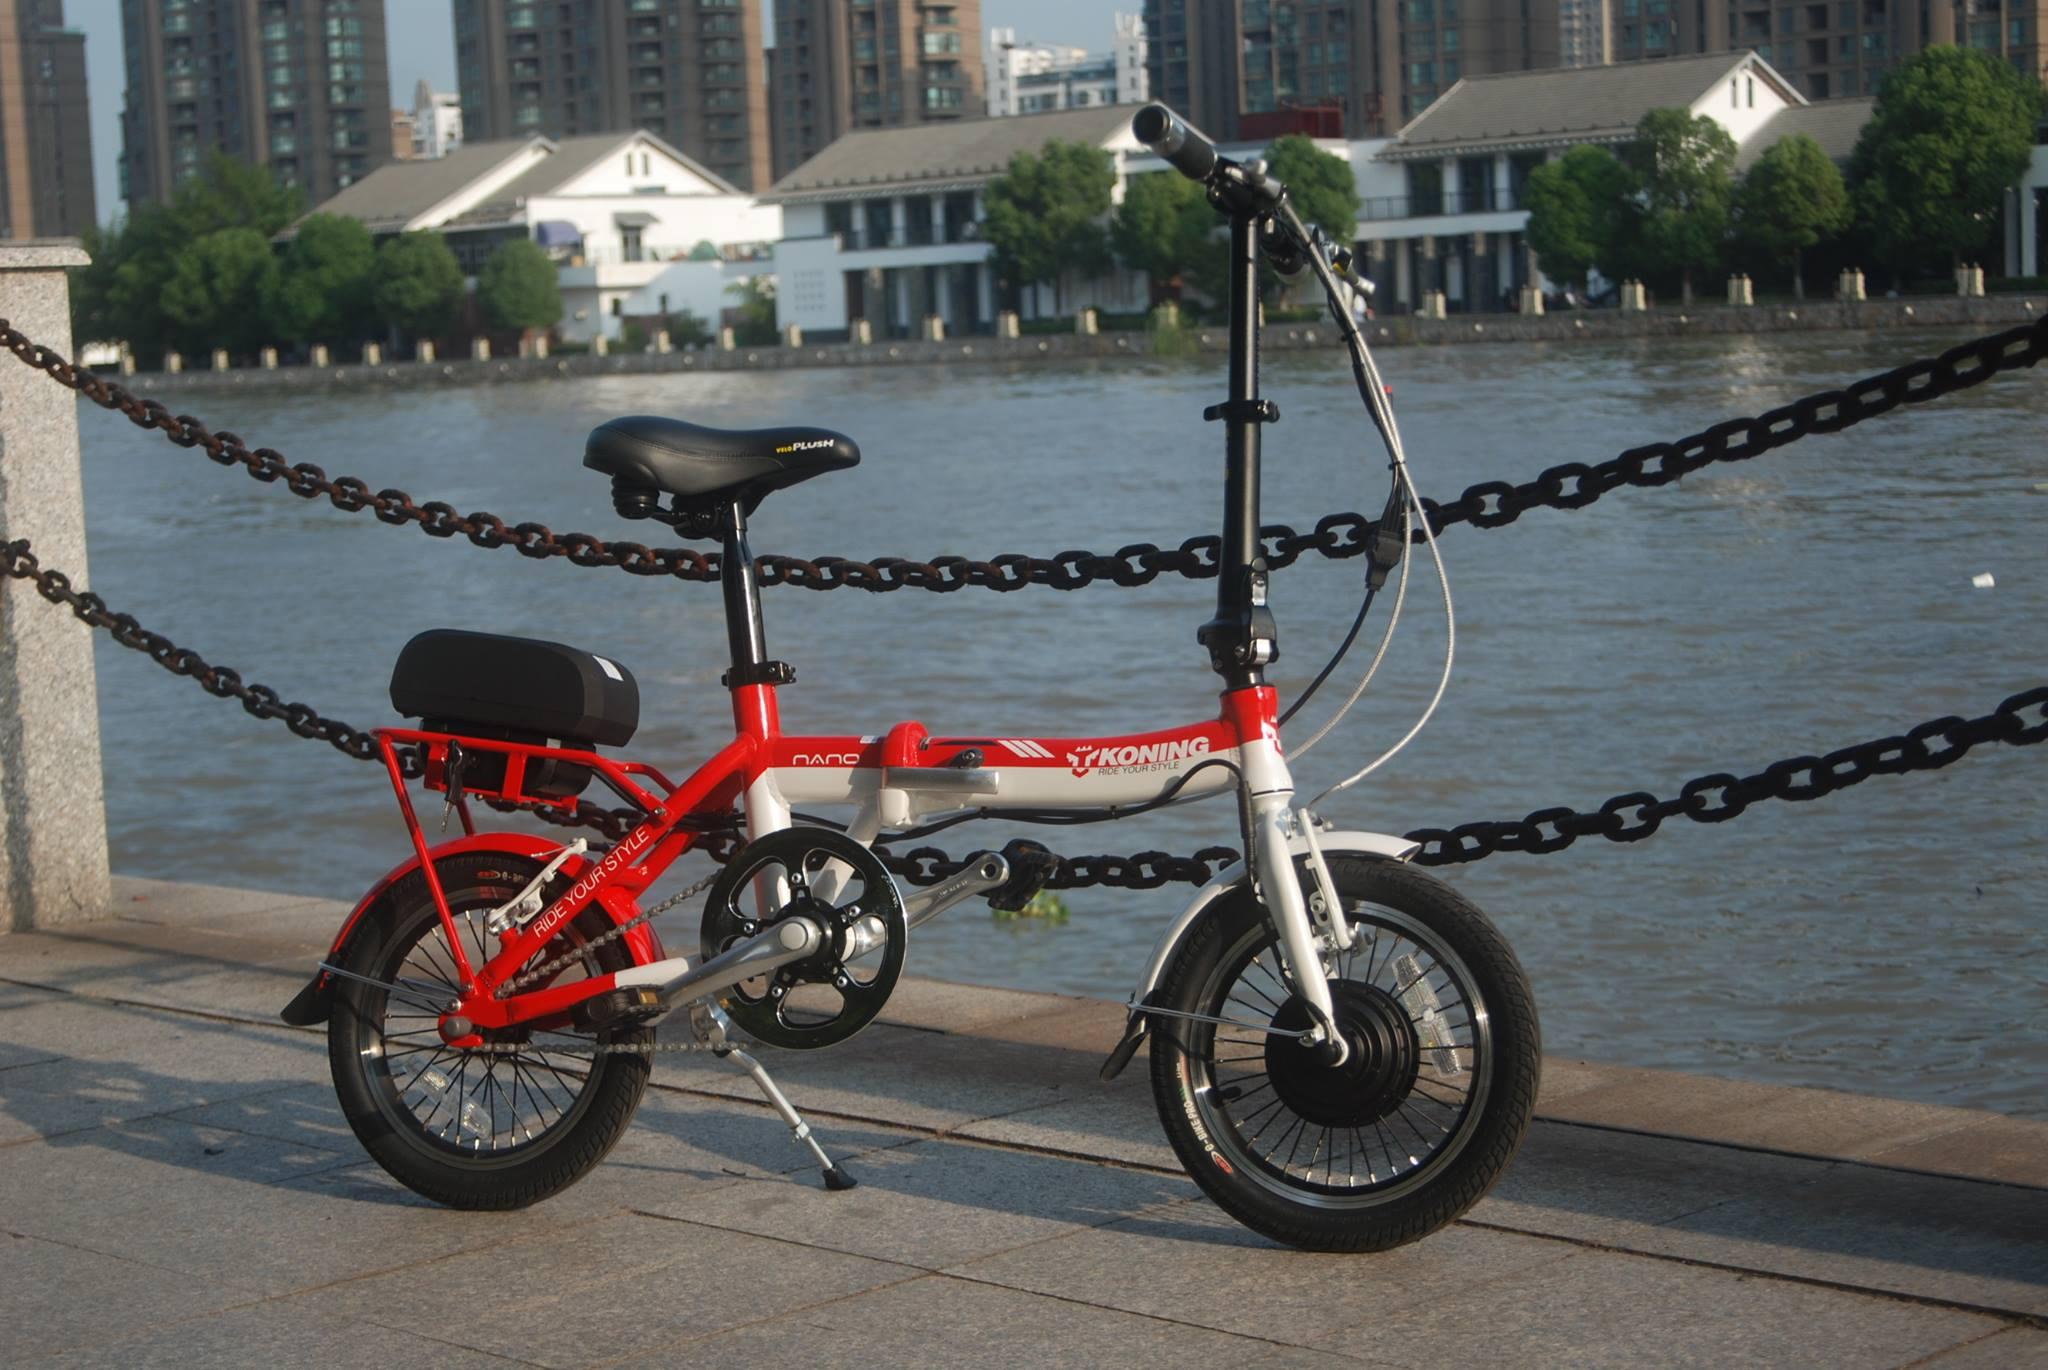 להפליא אופניים חשמליים – ויקיפדיה DA-66